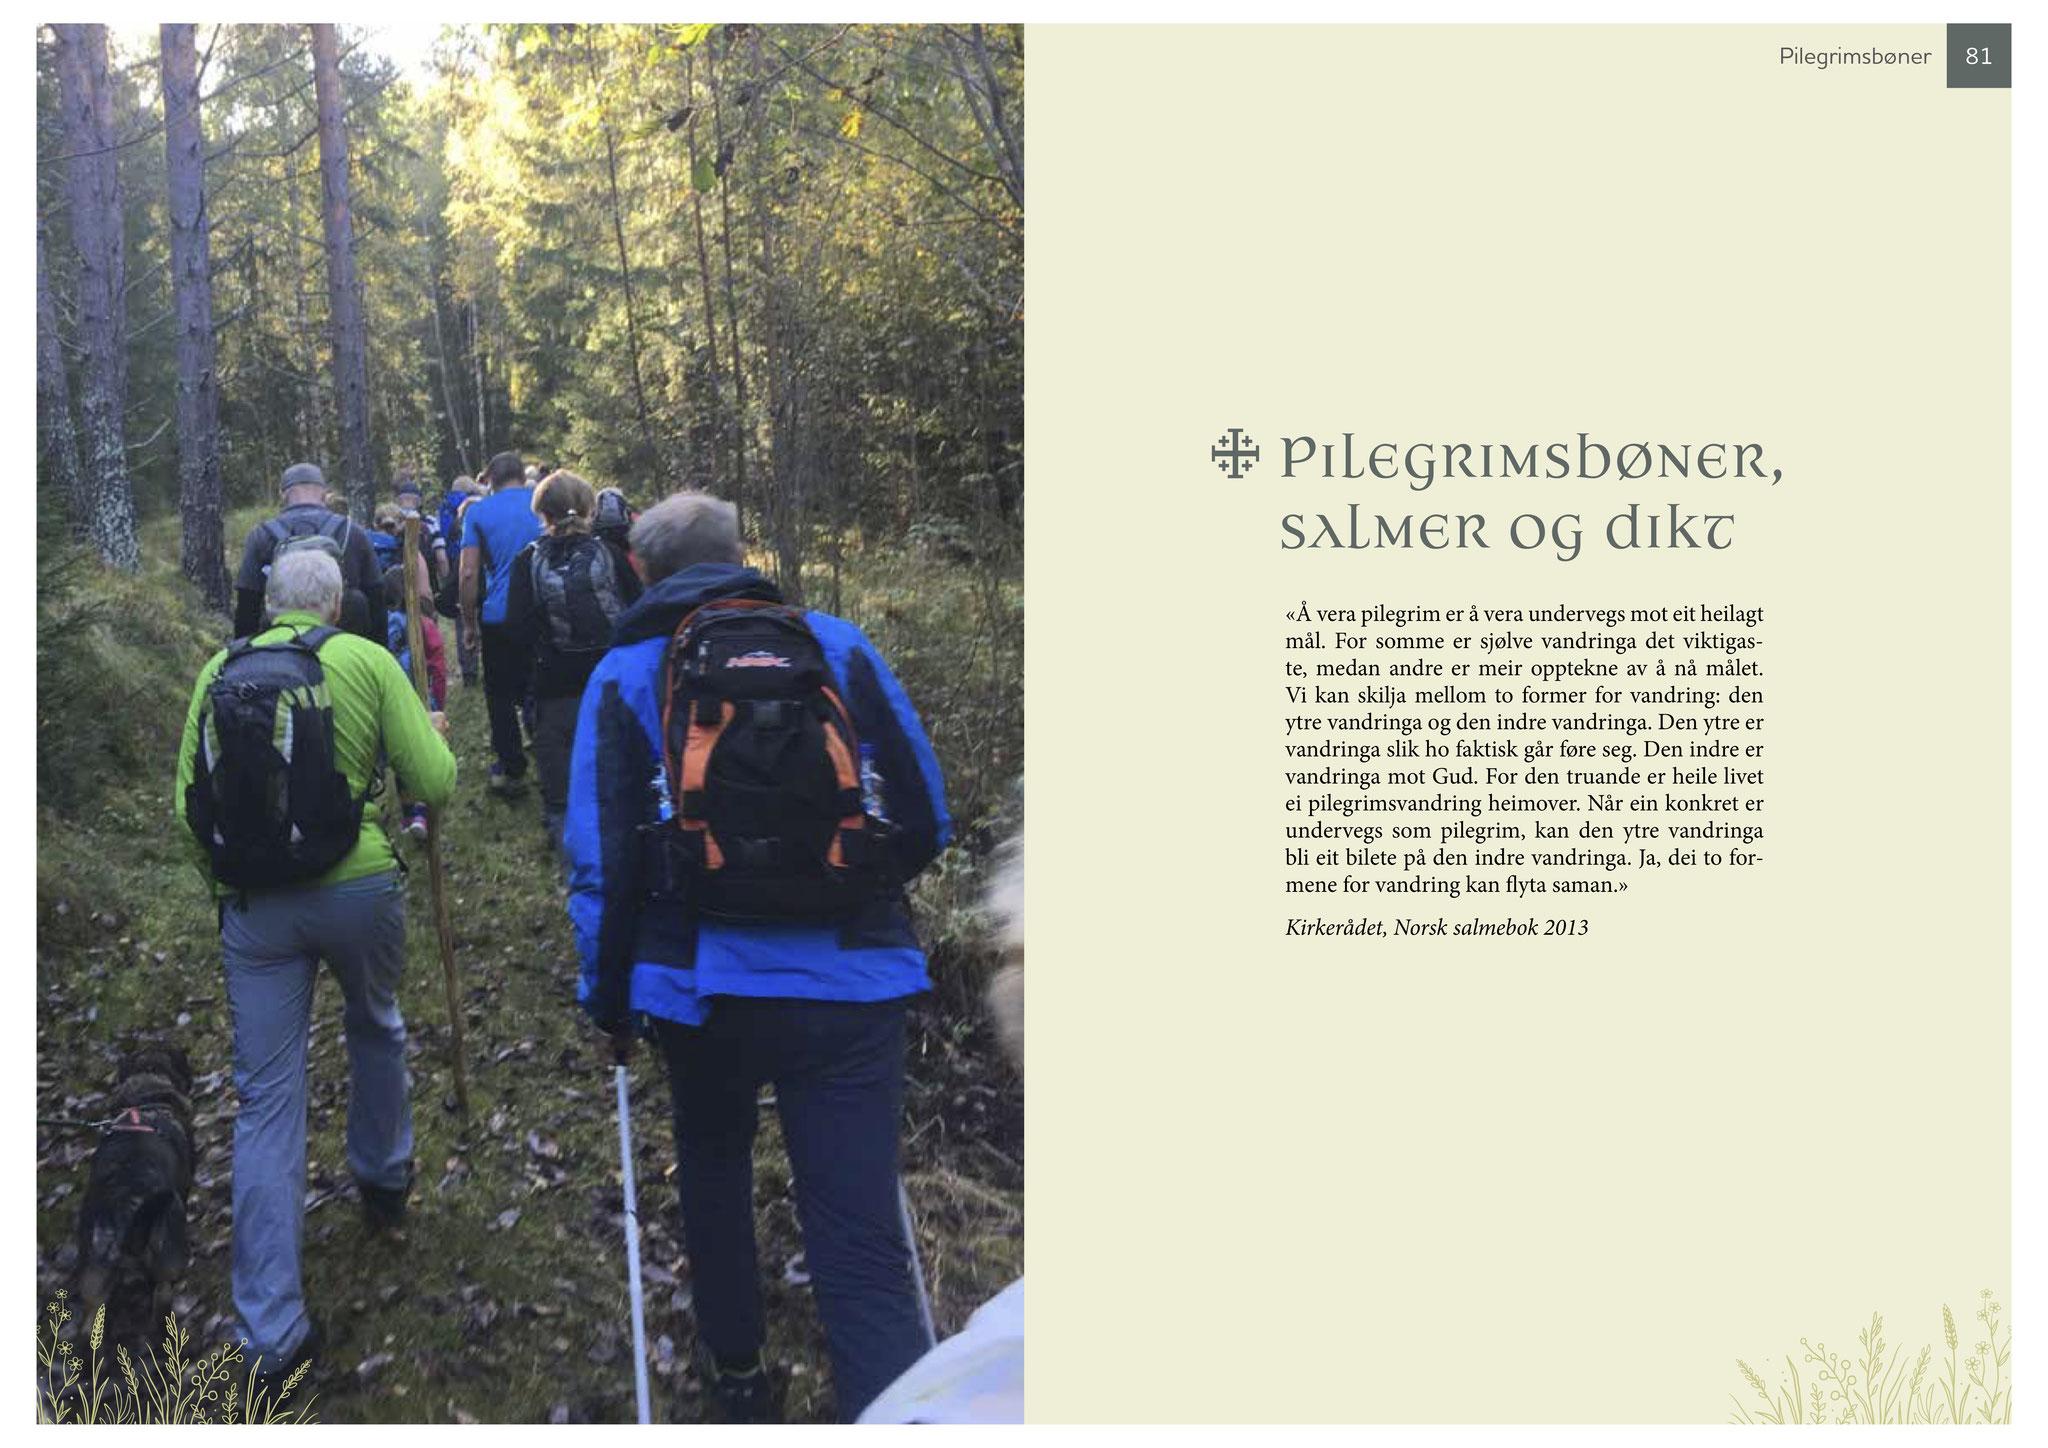 Guideboken kvitekyrkjer rundt Tinnsjøen pilegrimsbønn